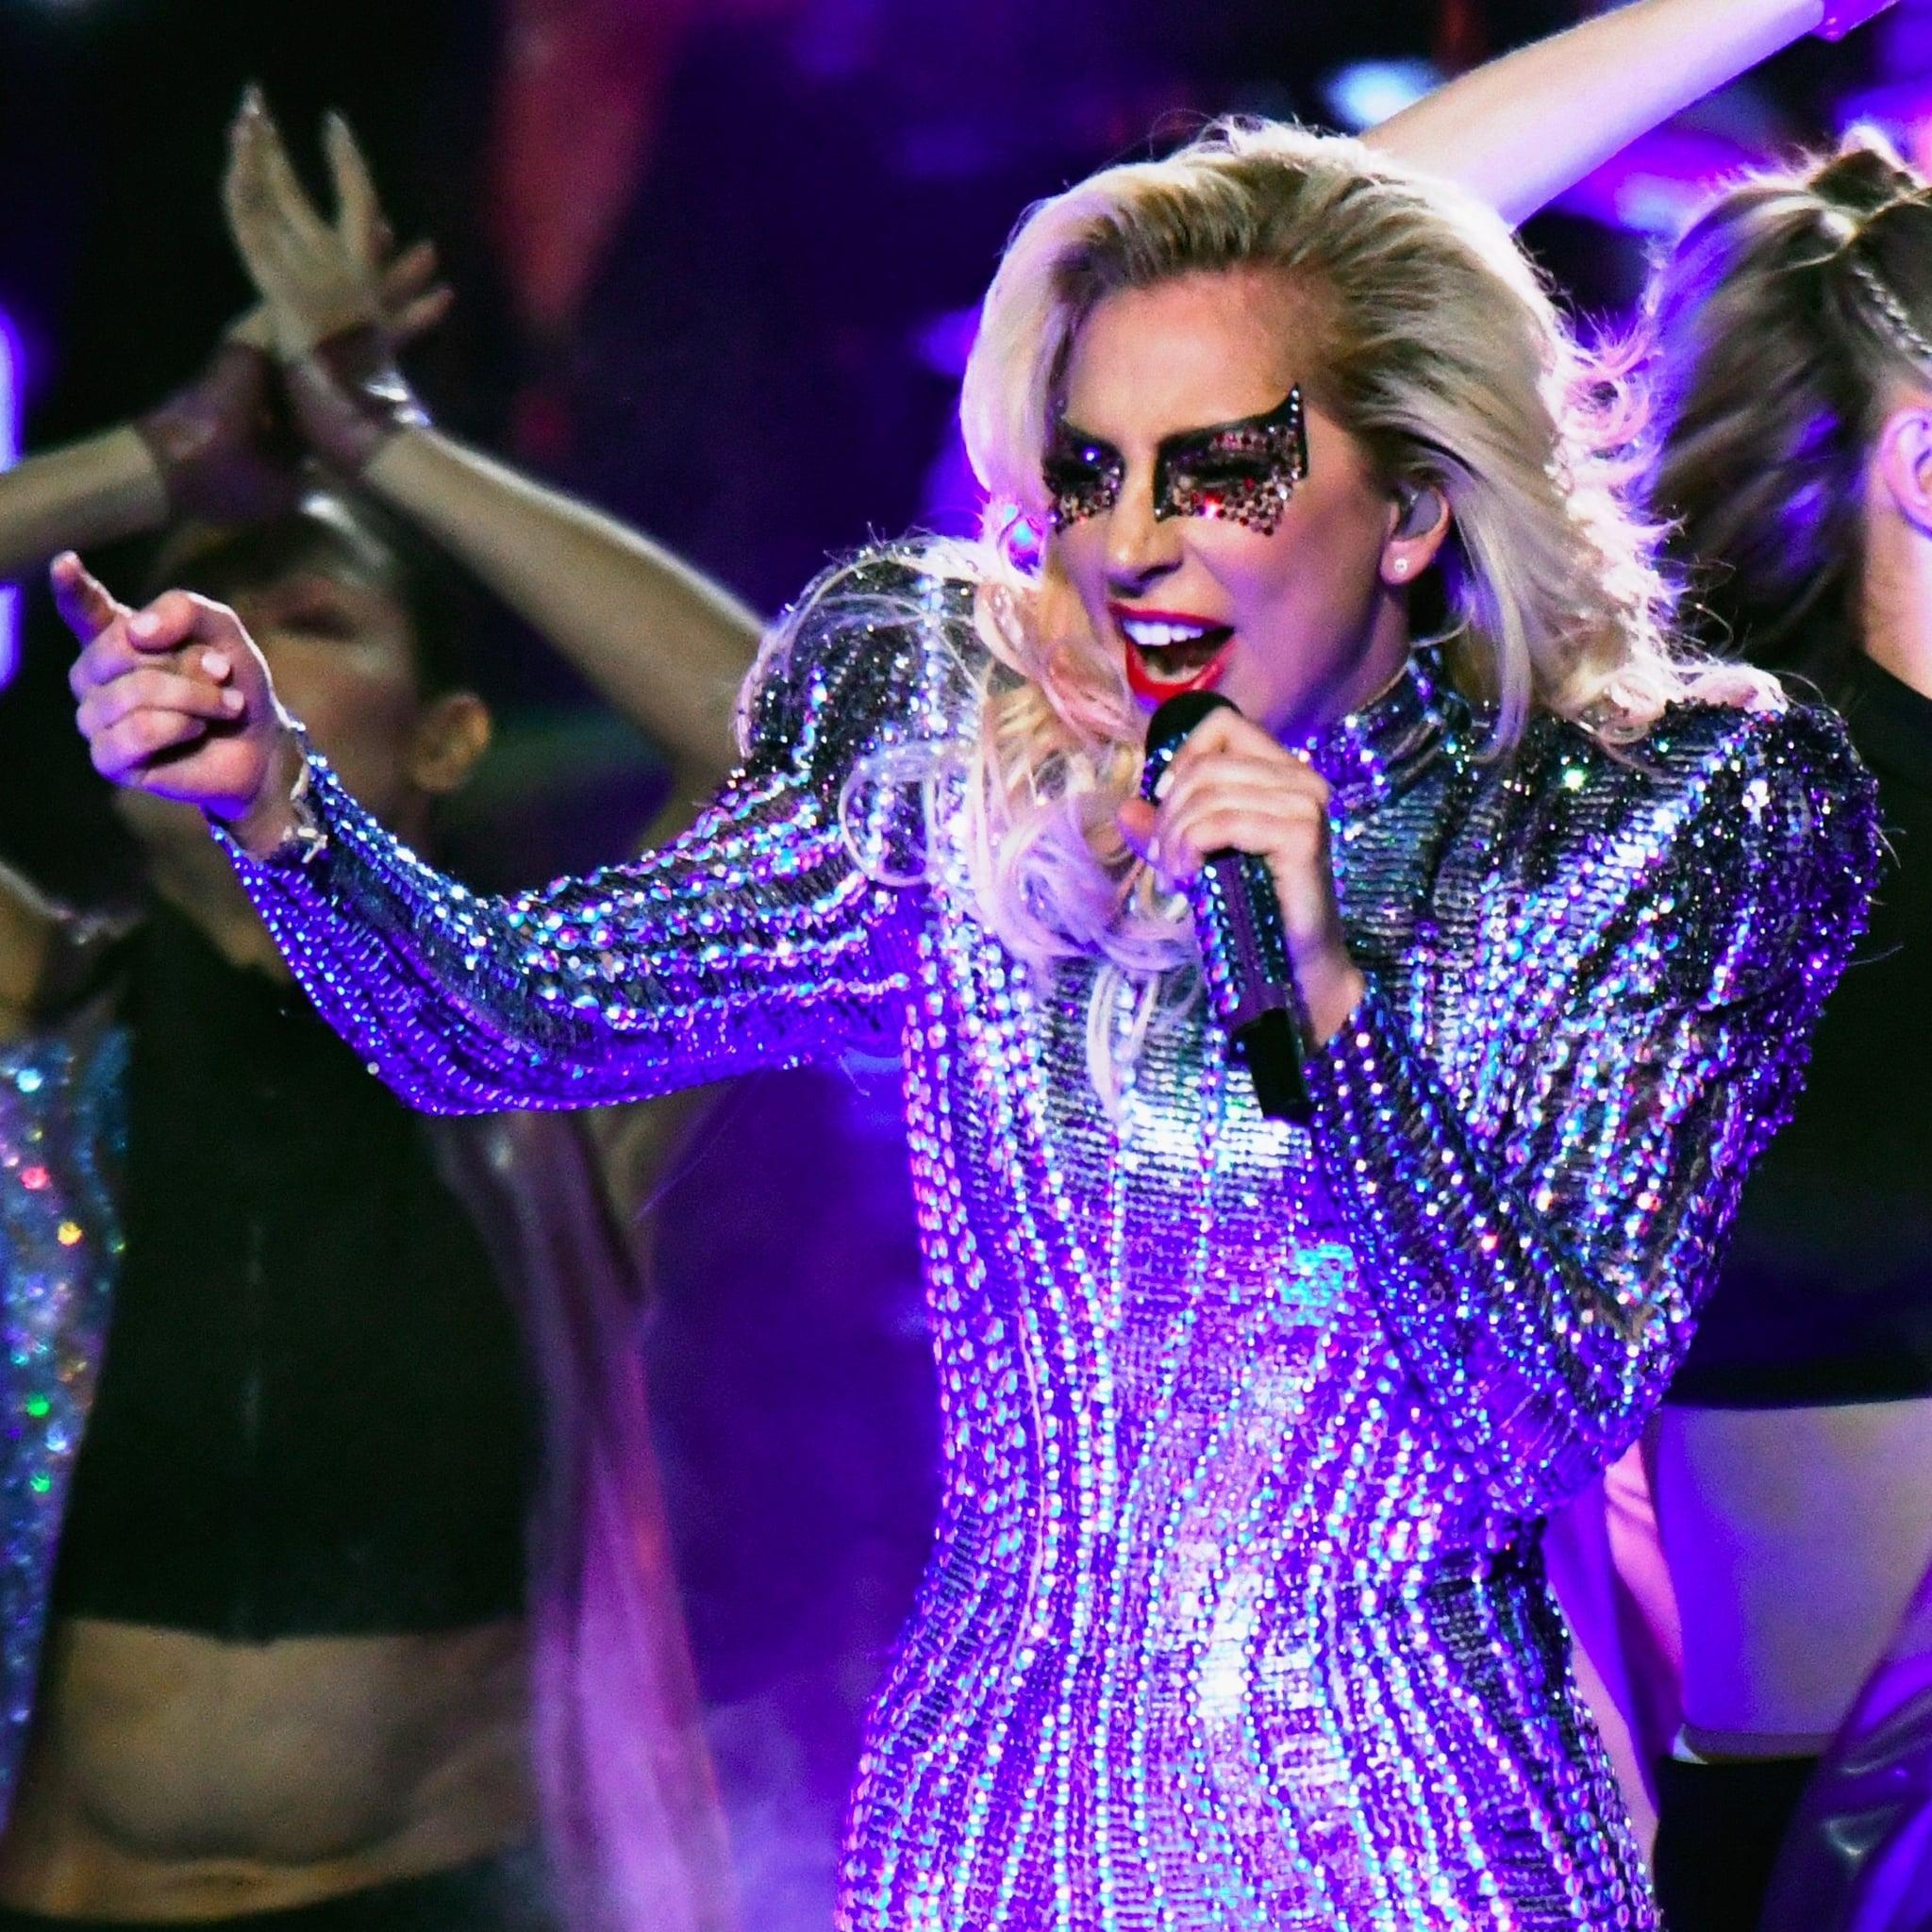 Lady Gaga Super Bowl Outfits 2017 | Popsugar Fashion inside Lady Gaga Super Bowl 2018